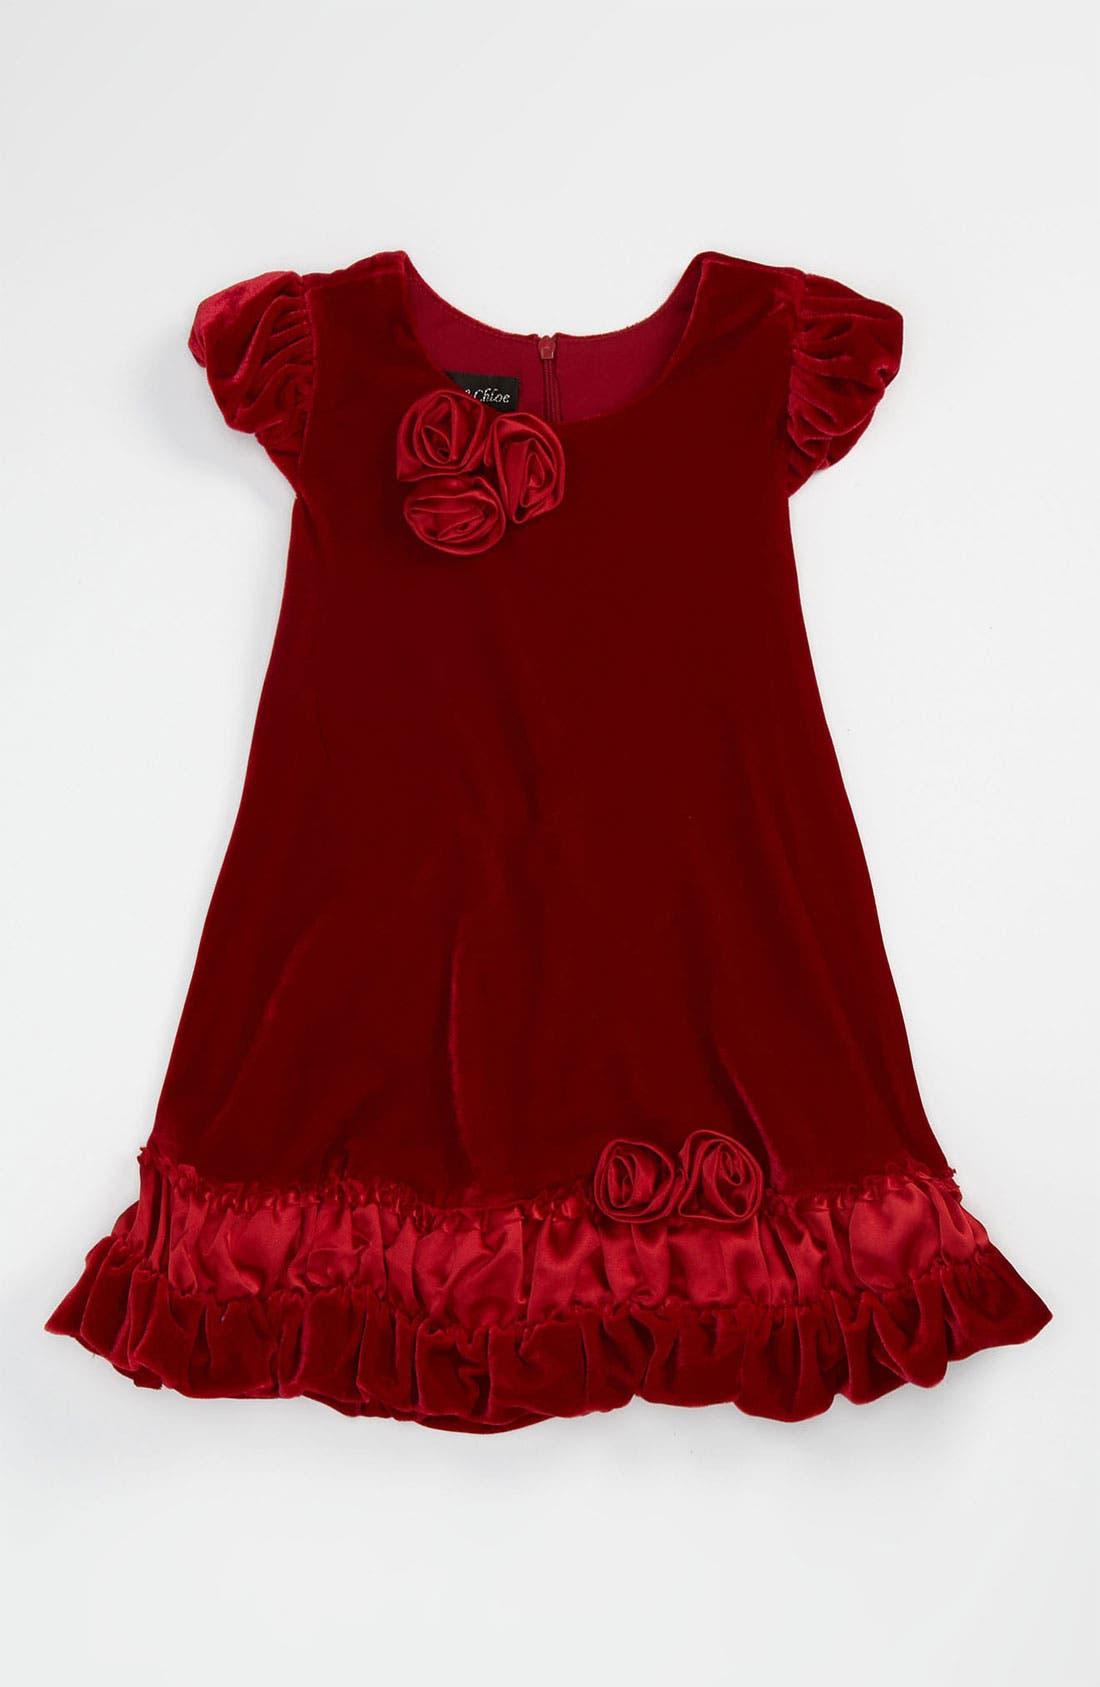 Main Image - Isobella & Chloe Velvet Dress (Infant)